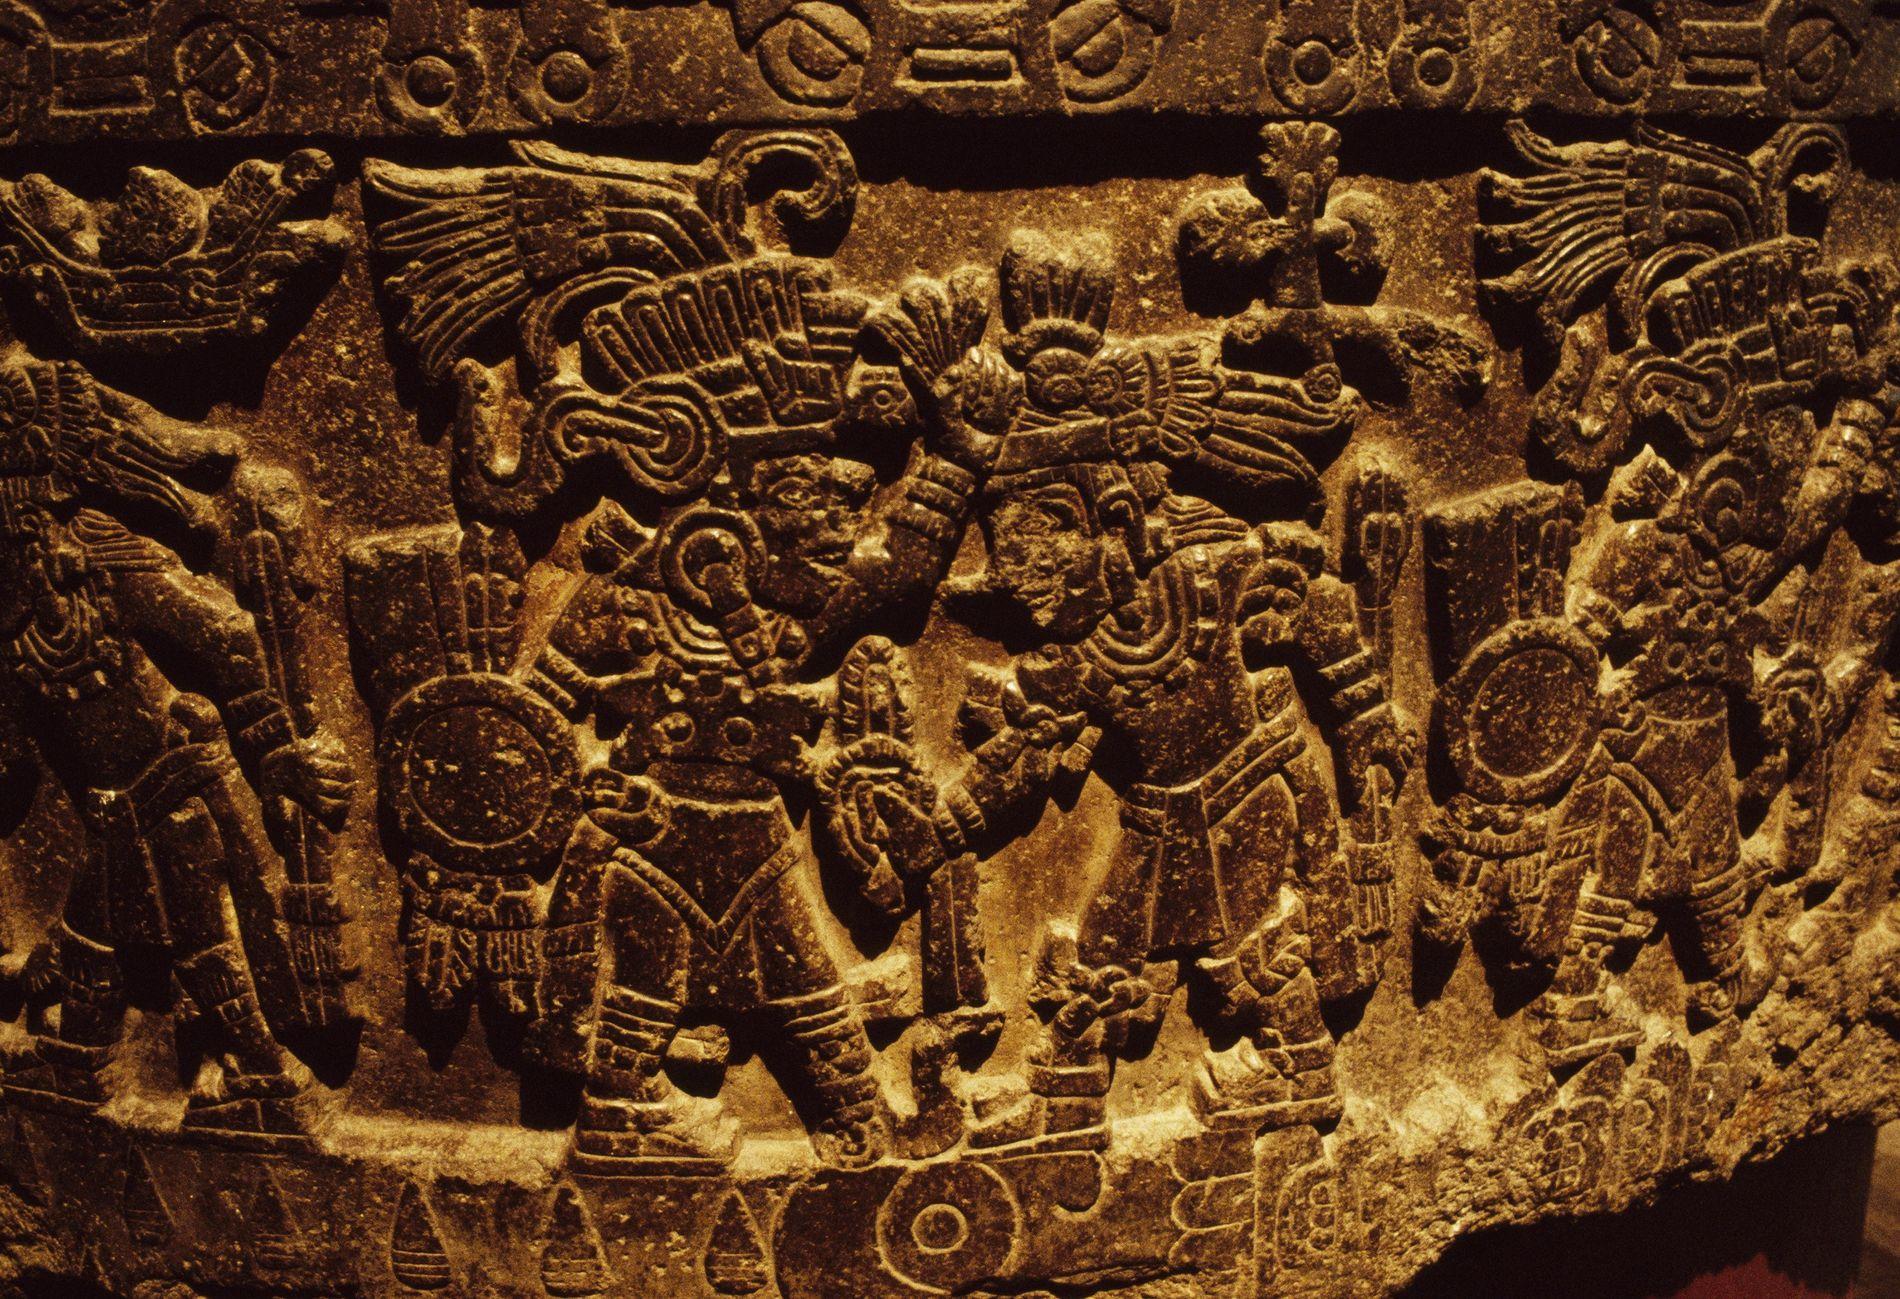 Représentation de Tezcatlipoca, le dieu aztèque parfois représenté sous forme de dinde, sur une pierre découverte ...